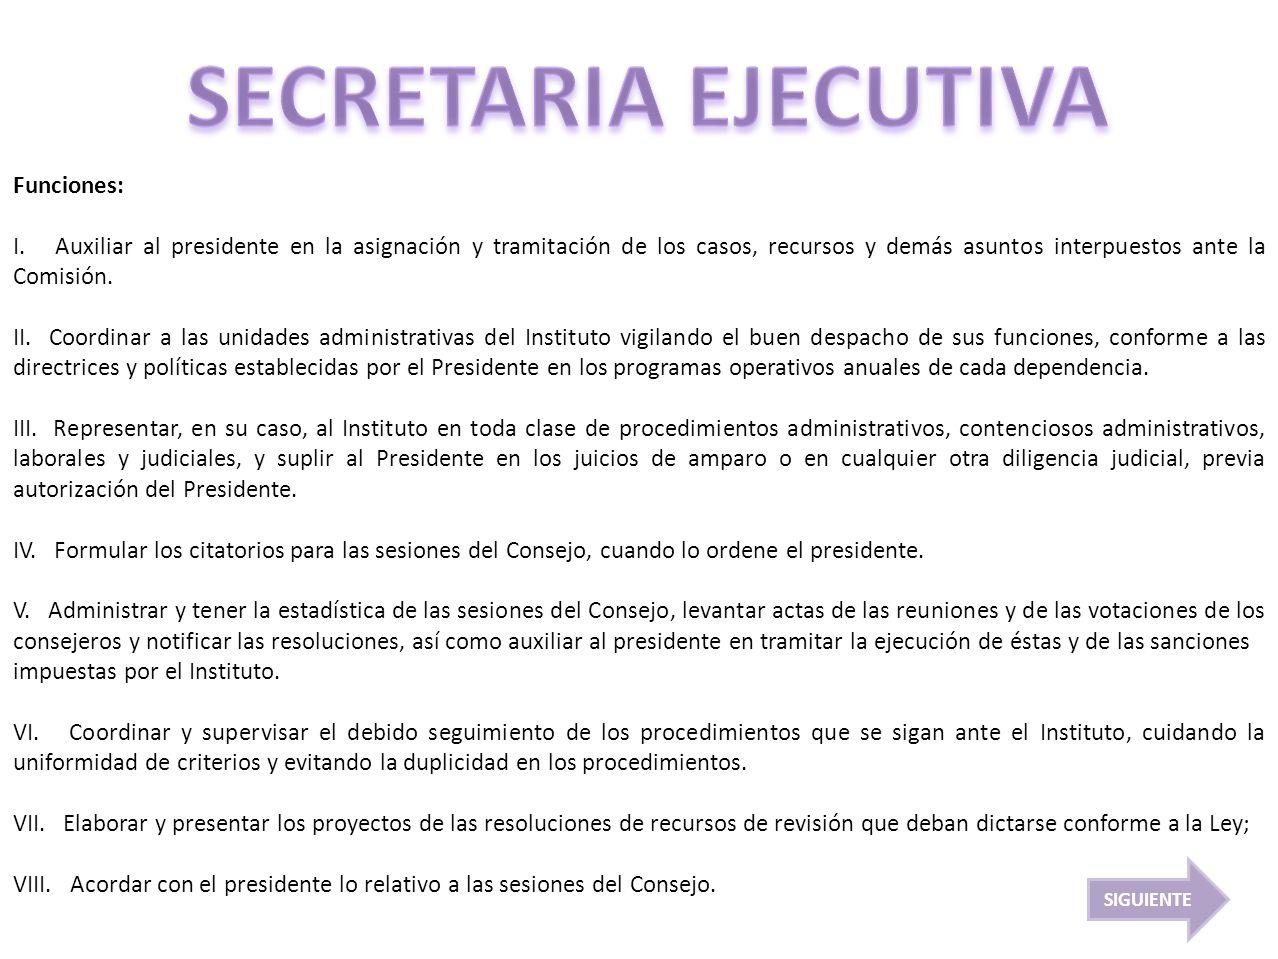 Funciones: I. Auxiliar al presidente en la asignación y tramitación de los casos, recursos y demás asuntos interpuestos ante la Comisión. II. Coordina